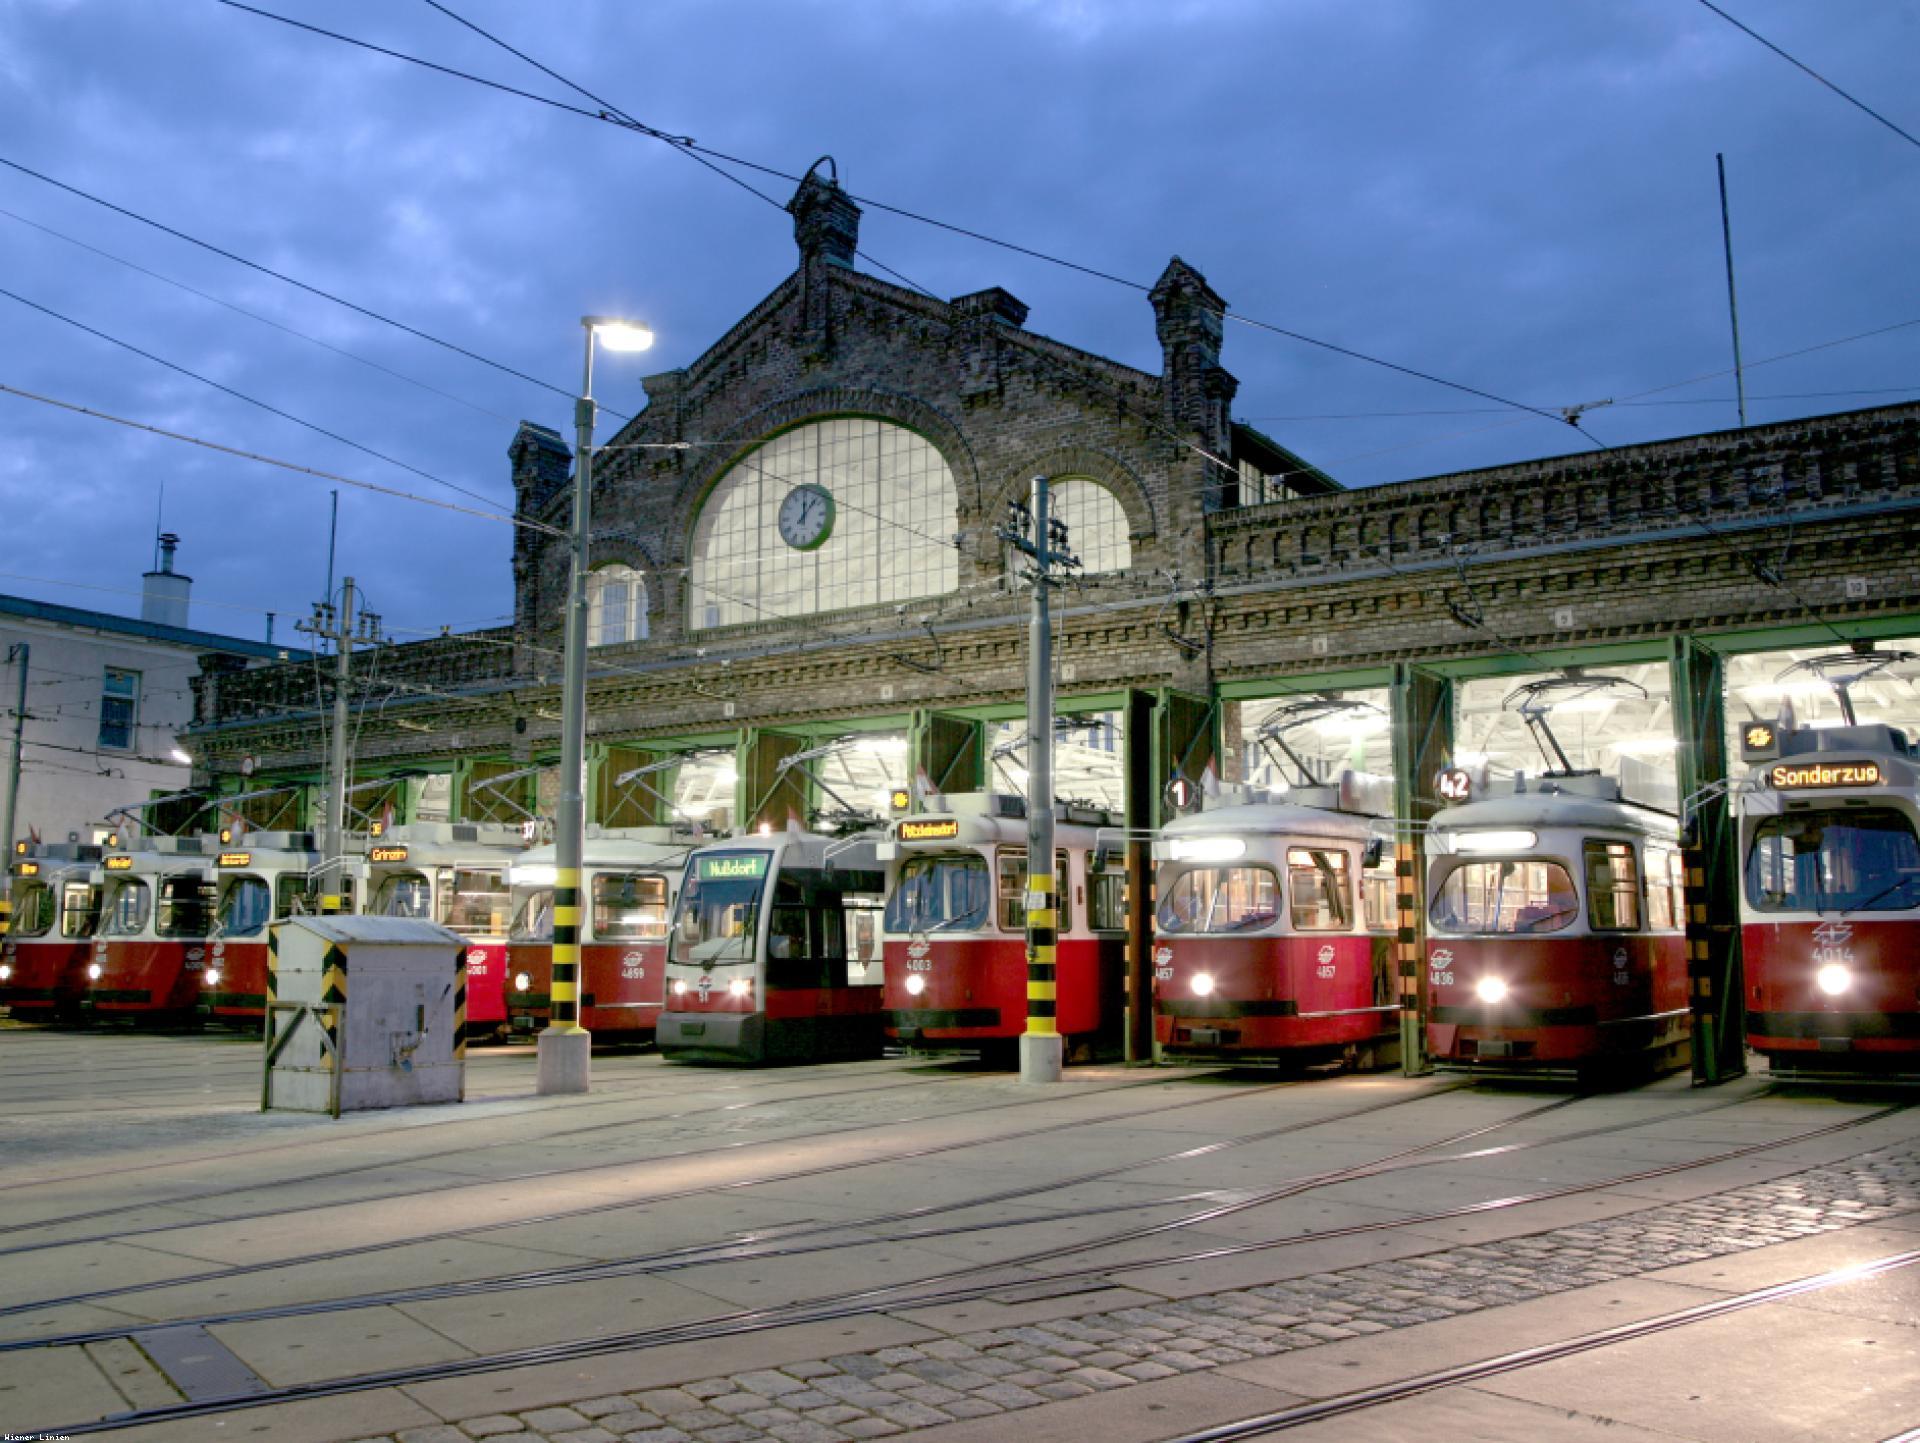 Mood-Image ELIN Referenz: Umbau des Bahnhofes Gürtel im Zuge des Projektes Remise 2.0